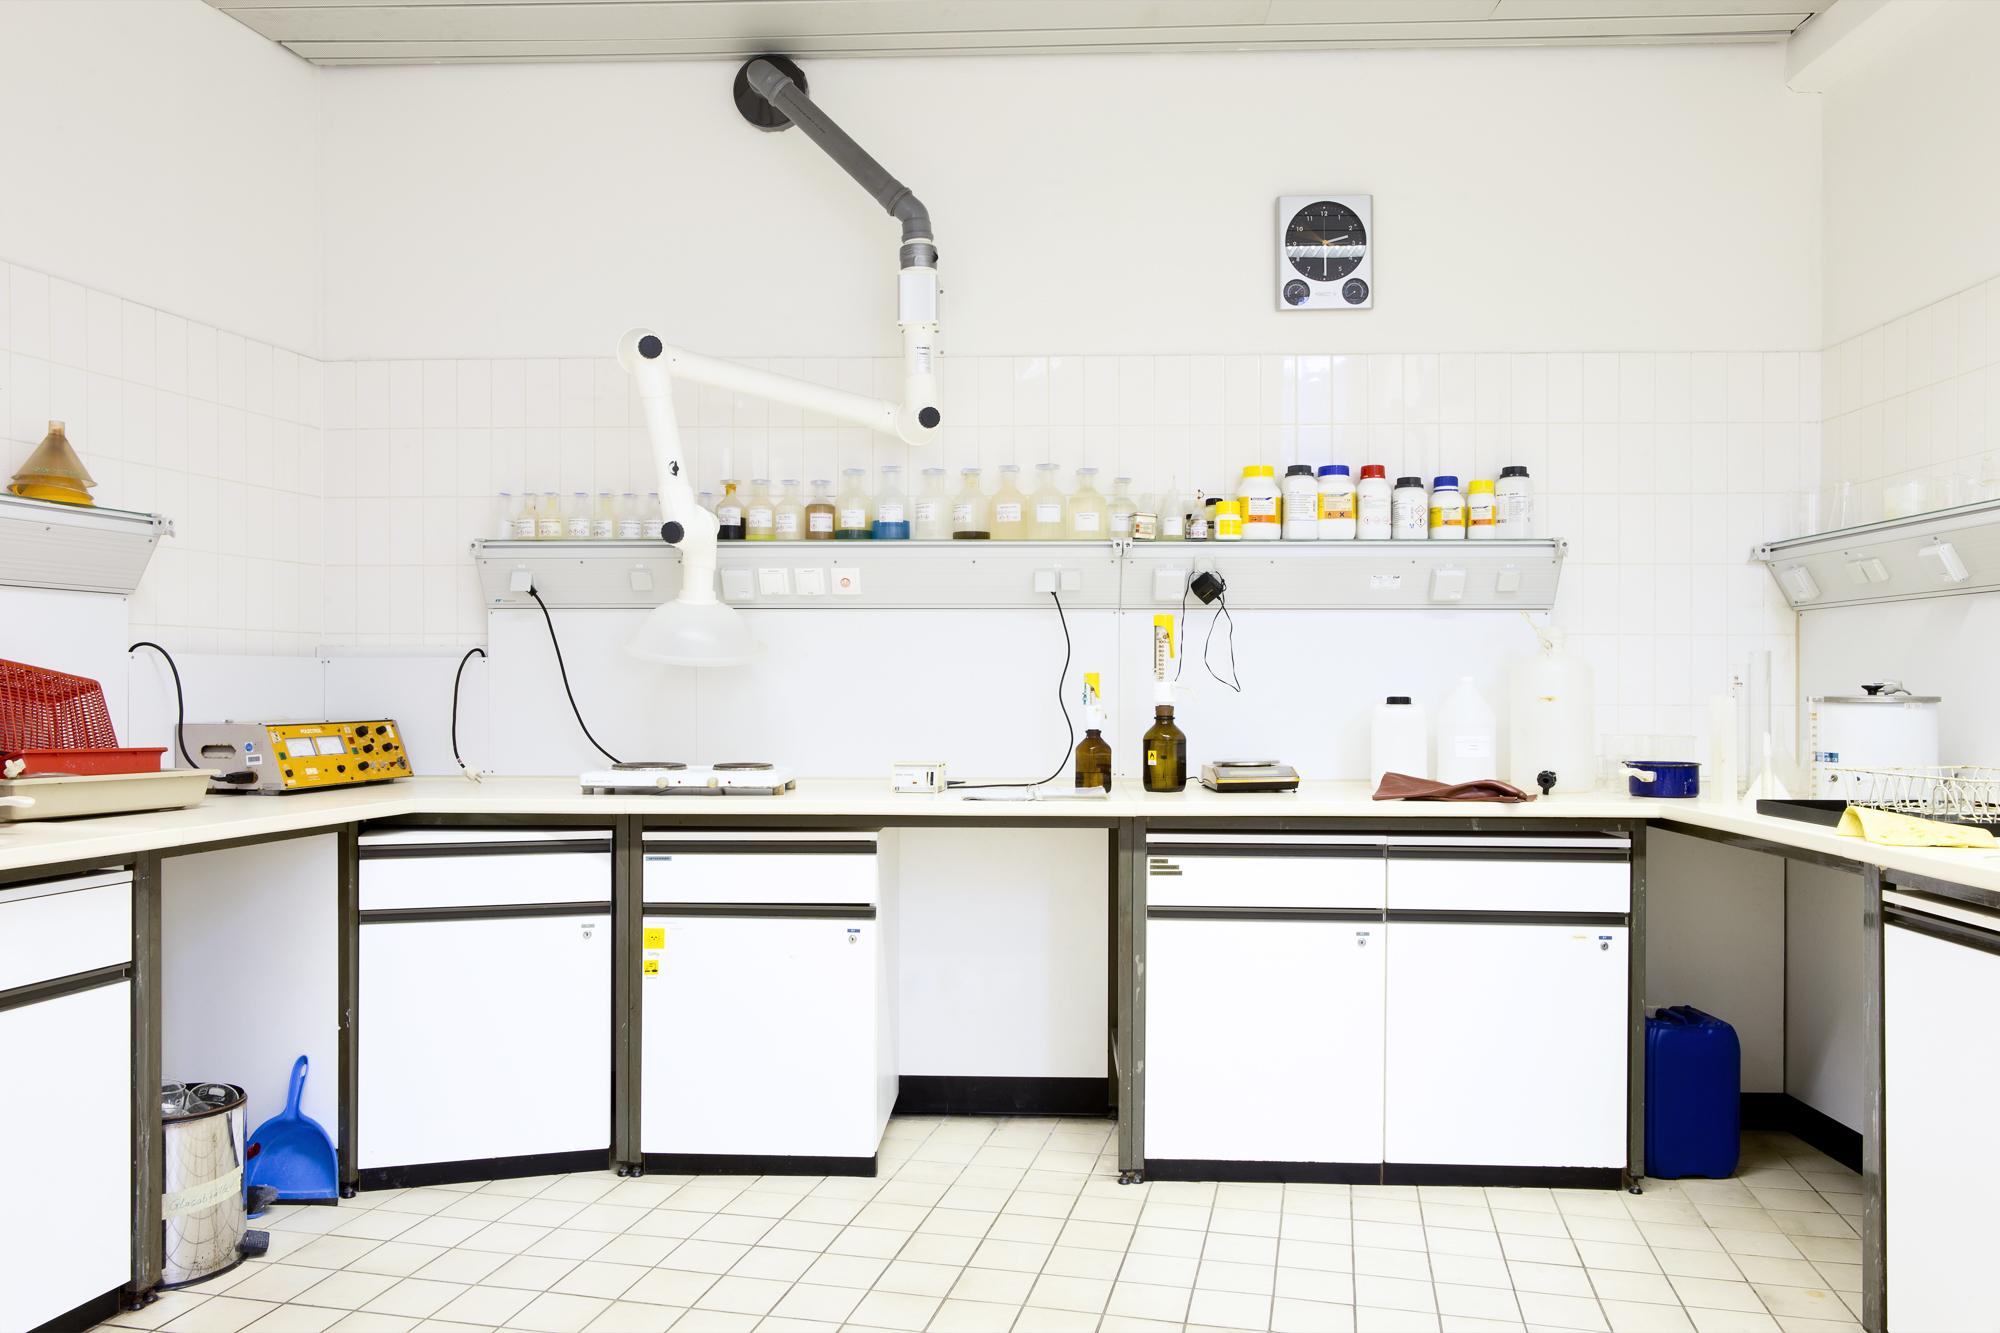 Chemie-Raum im Ausbildungsbereich Metallographie Lette Verein Berlin